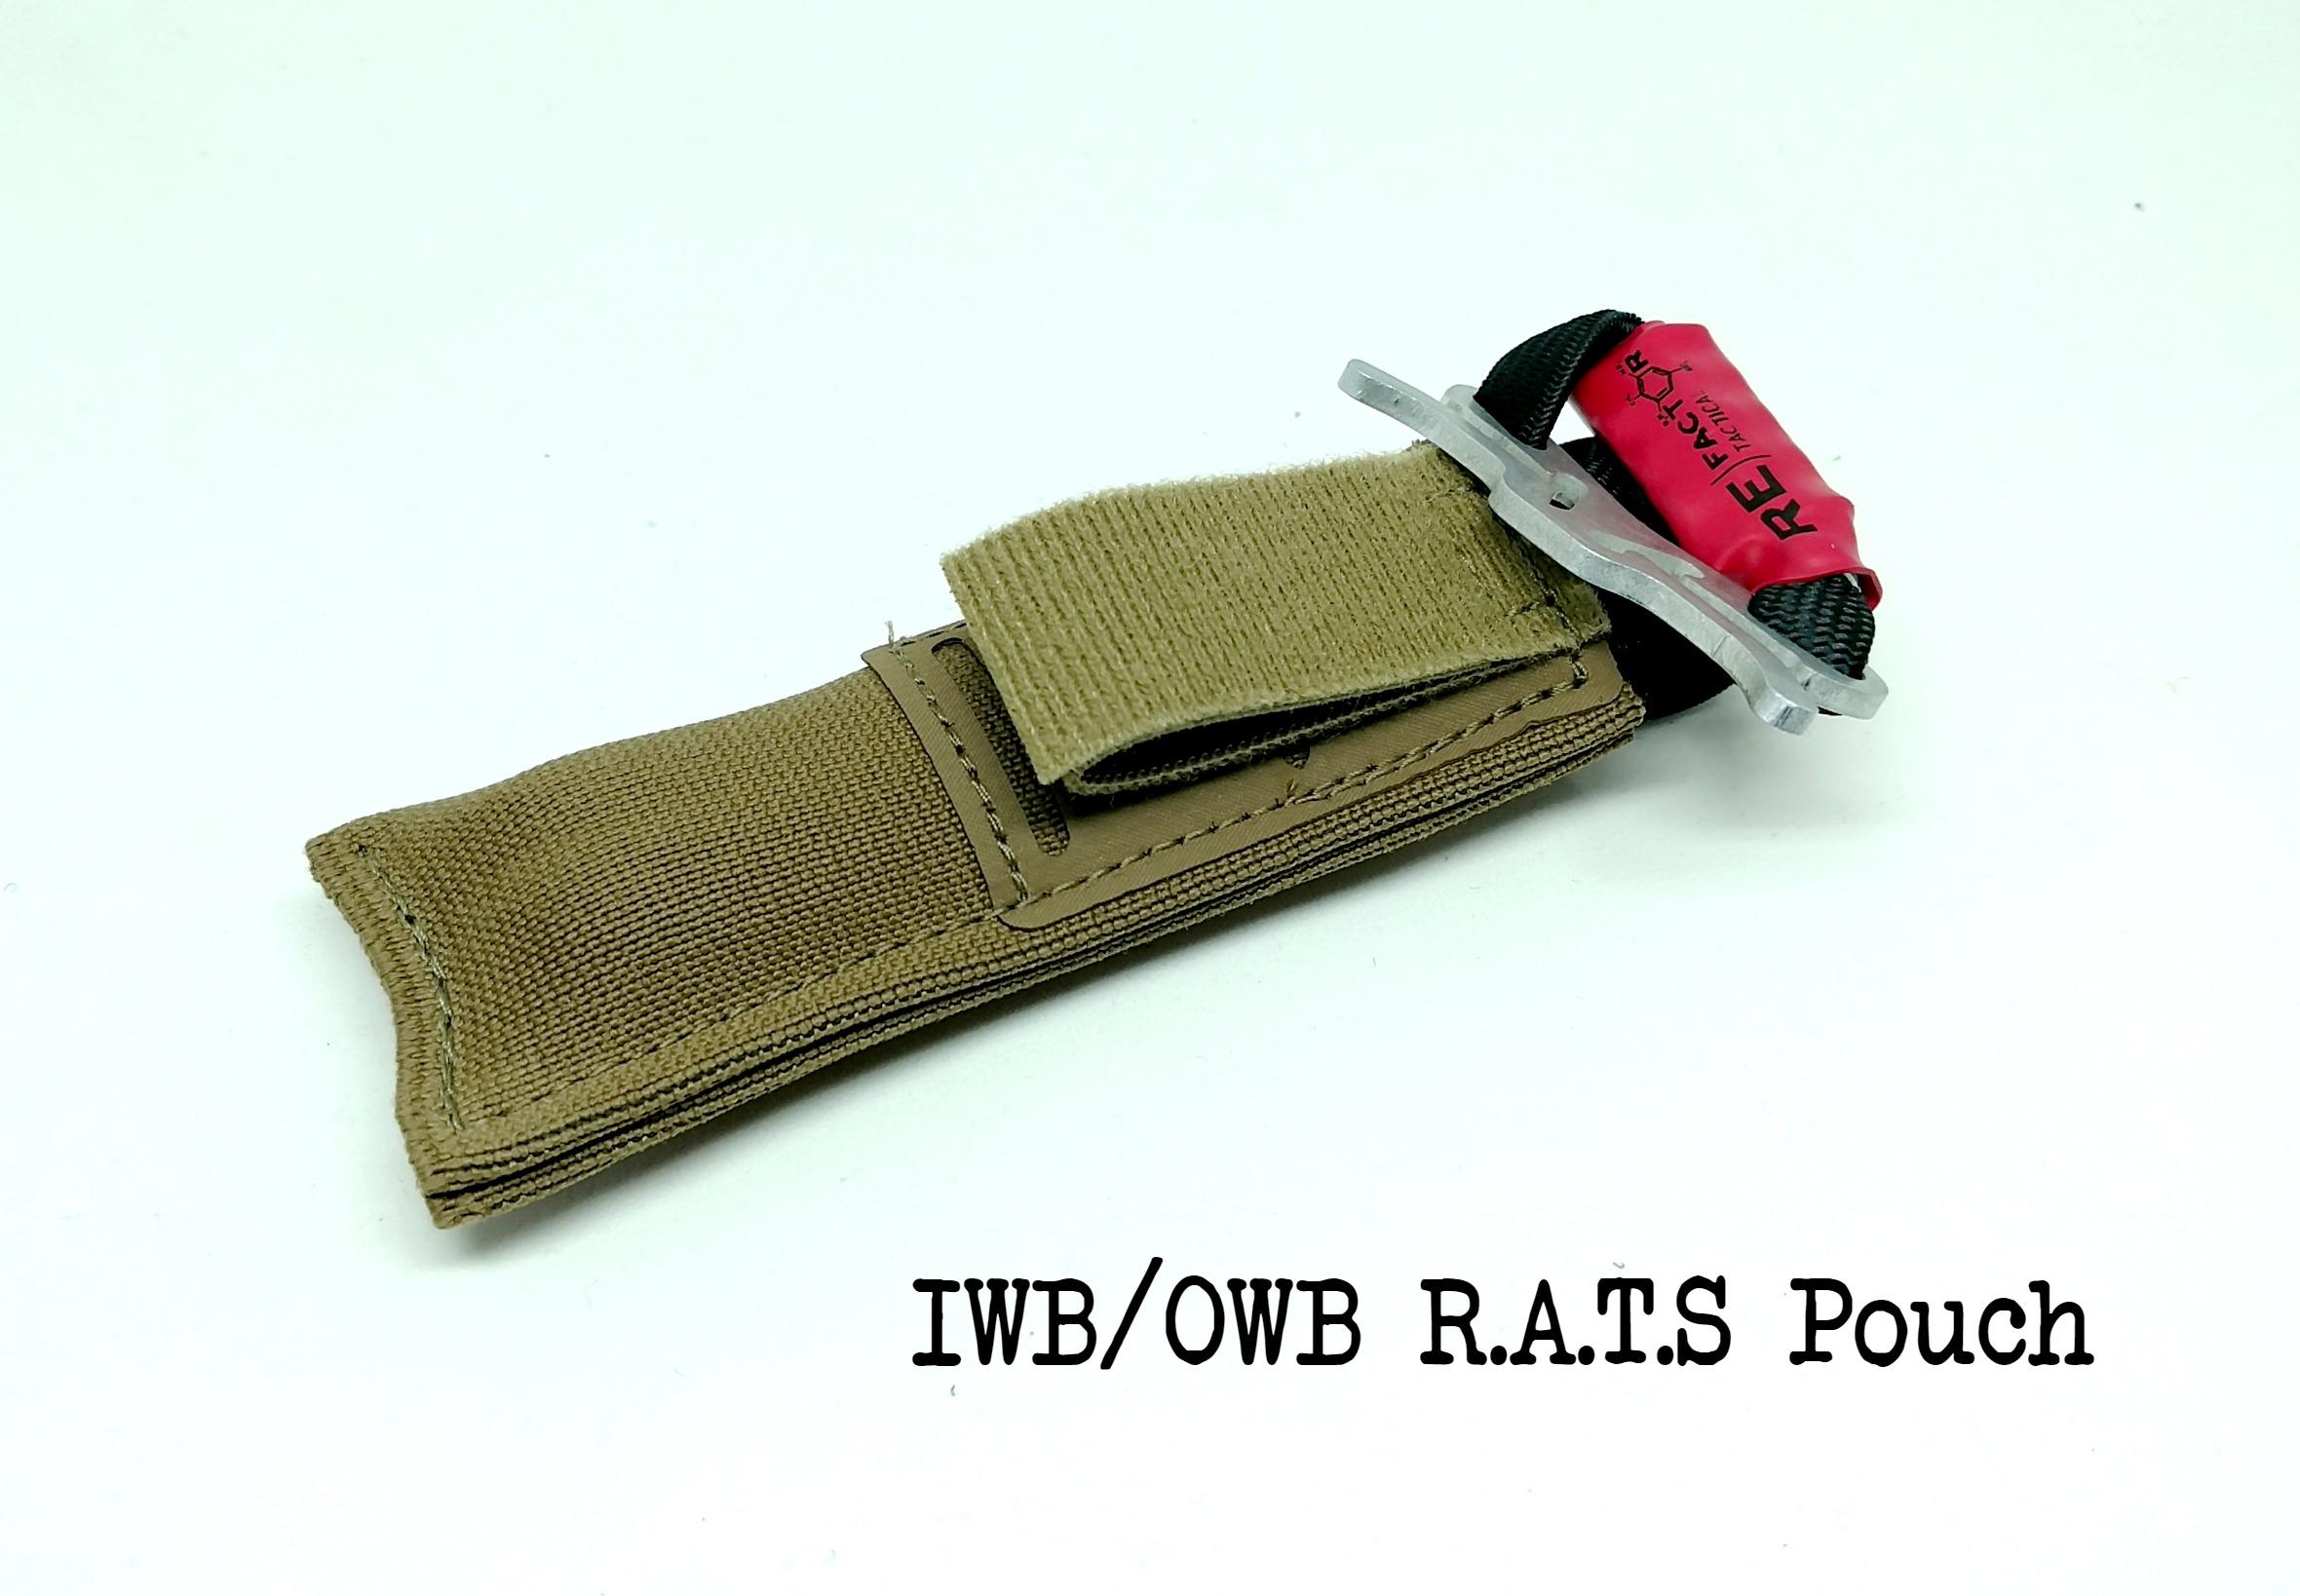 RATS Pouch